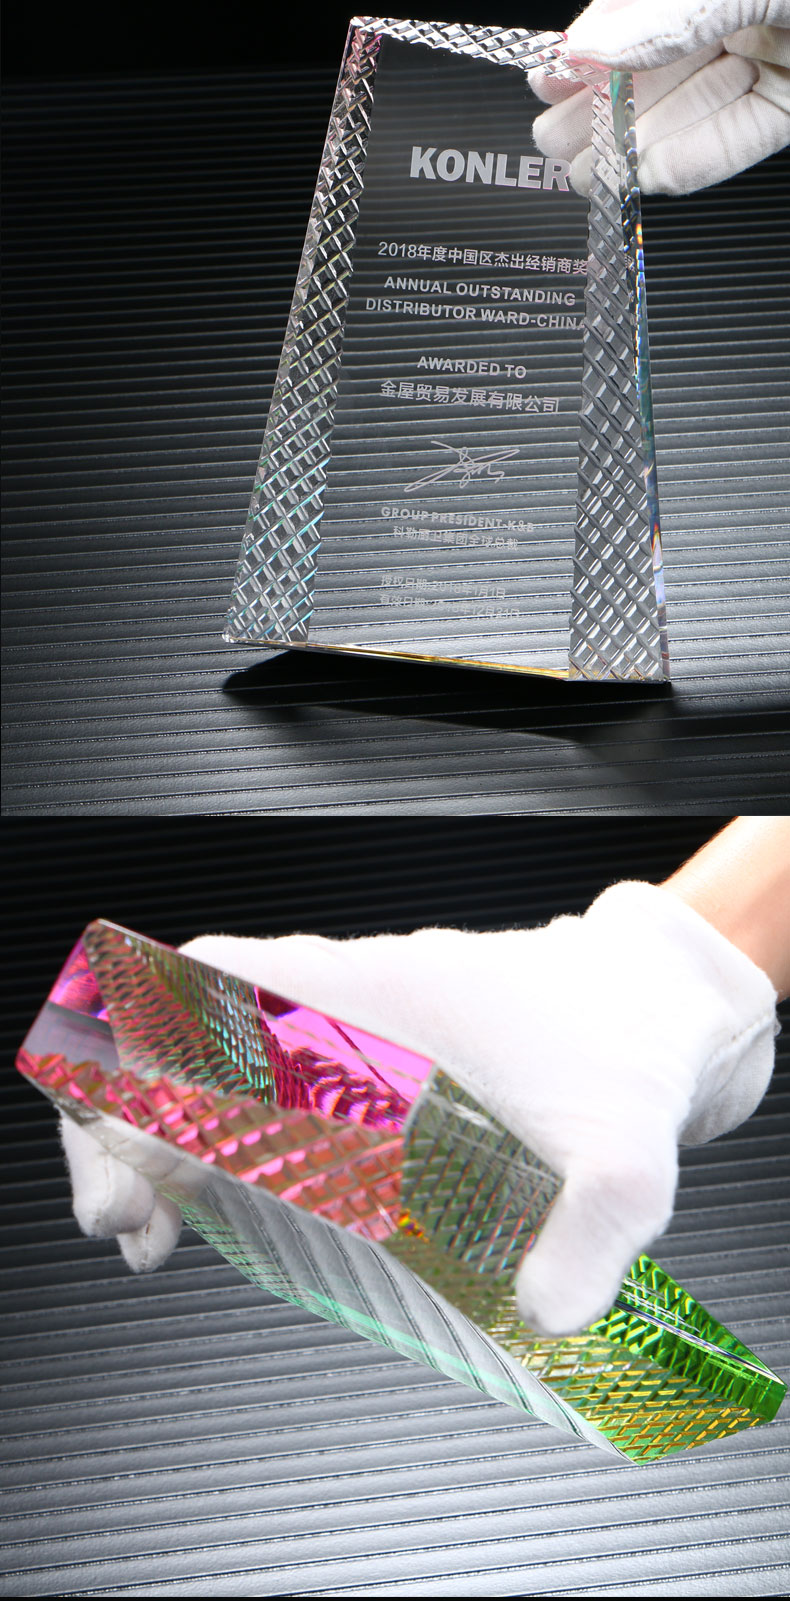 創意水晶獎杯定制五角星大拇指鉆石年會頒獎籃球比賽金屬獎牌定做